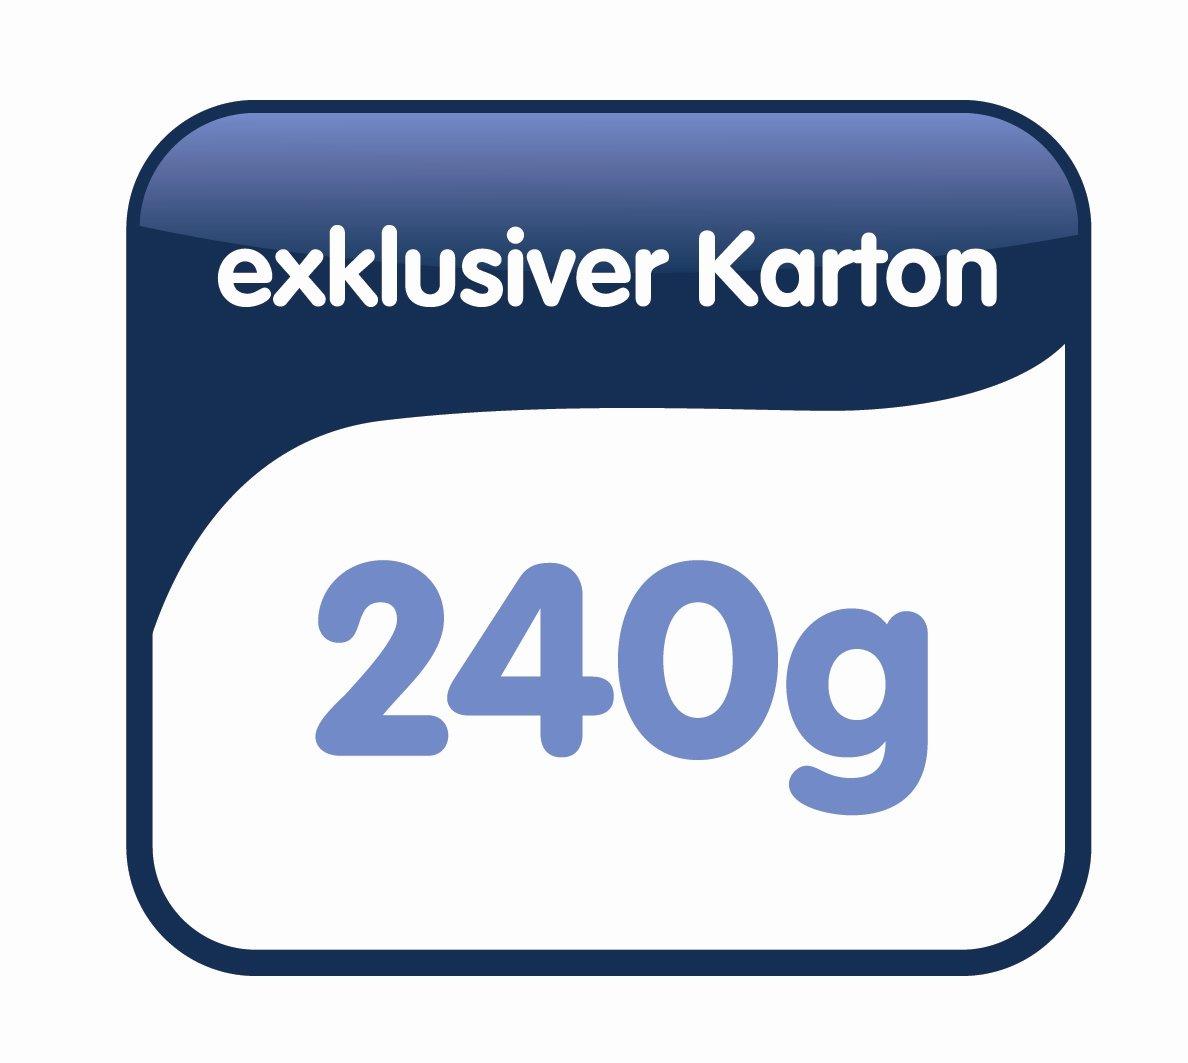 Elba Vertic 1//85443 colore: marrone naturale 250 x 318 x 6 mm confezione da 25 pezzi Cartelle sospese 230 g//m/²